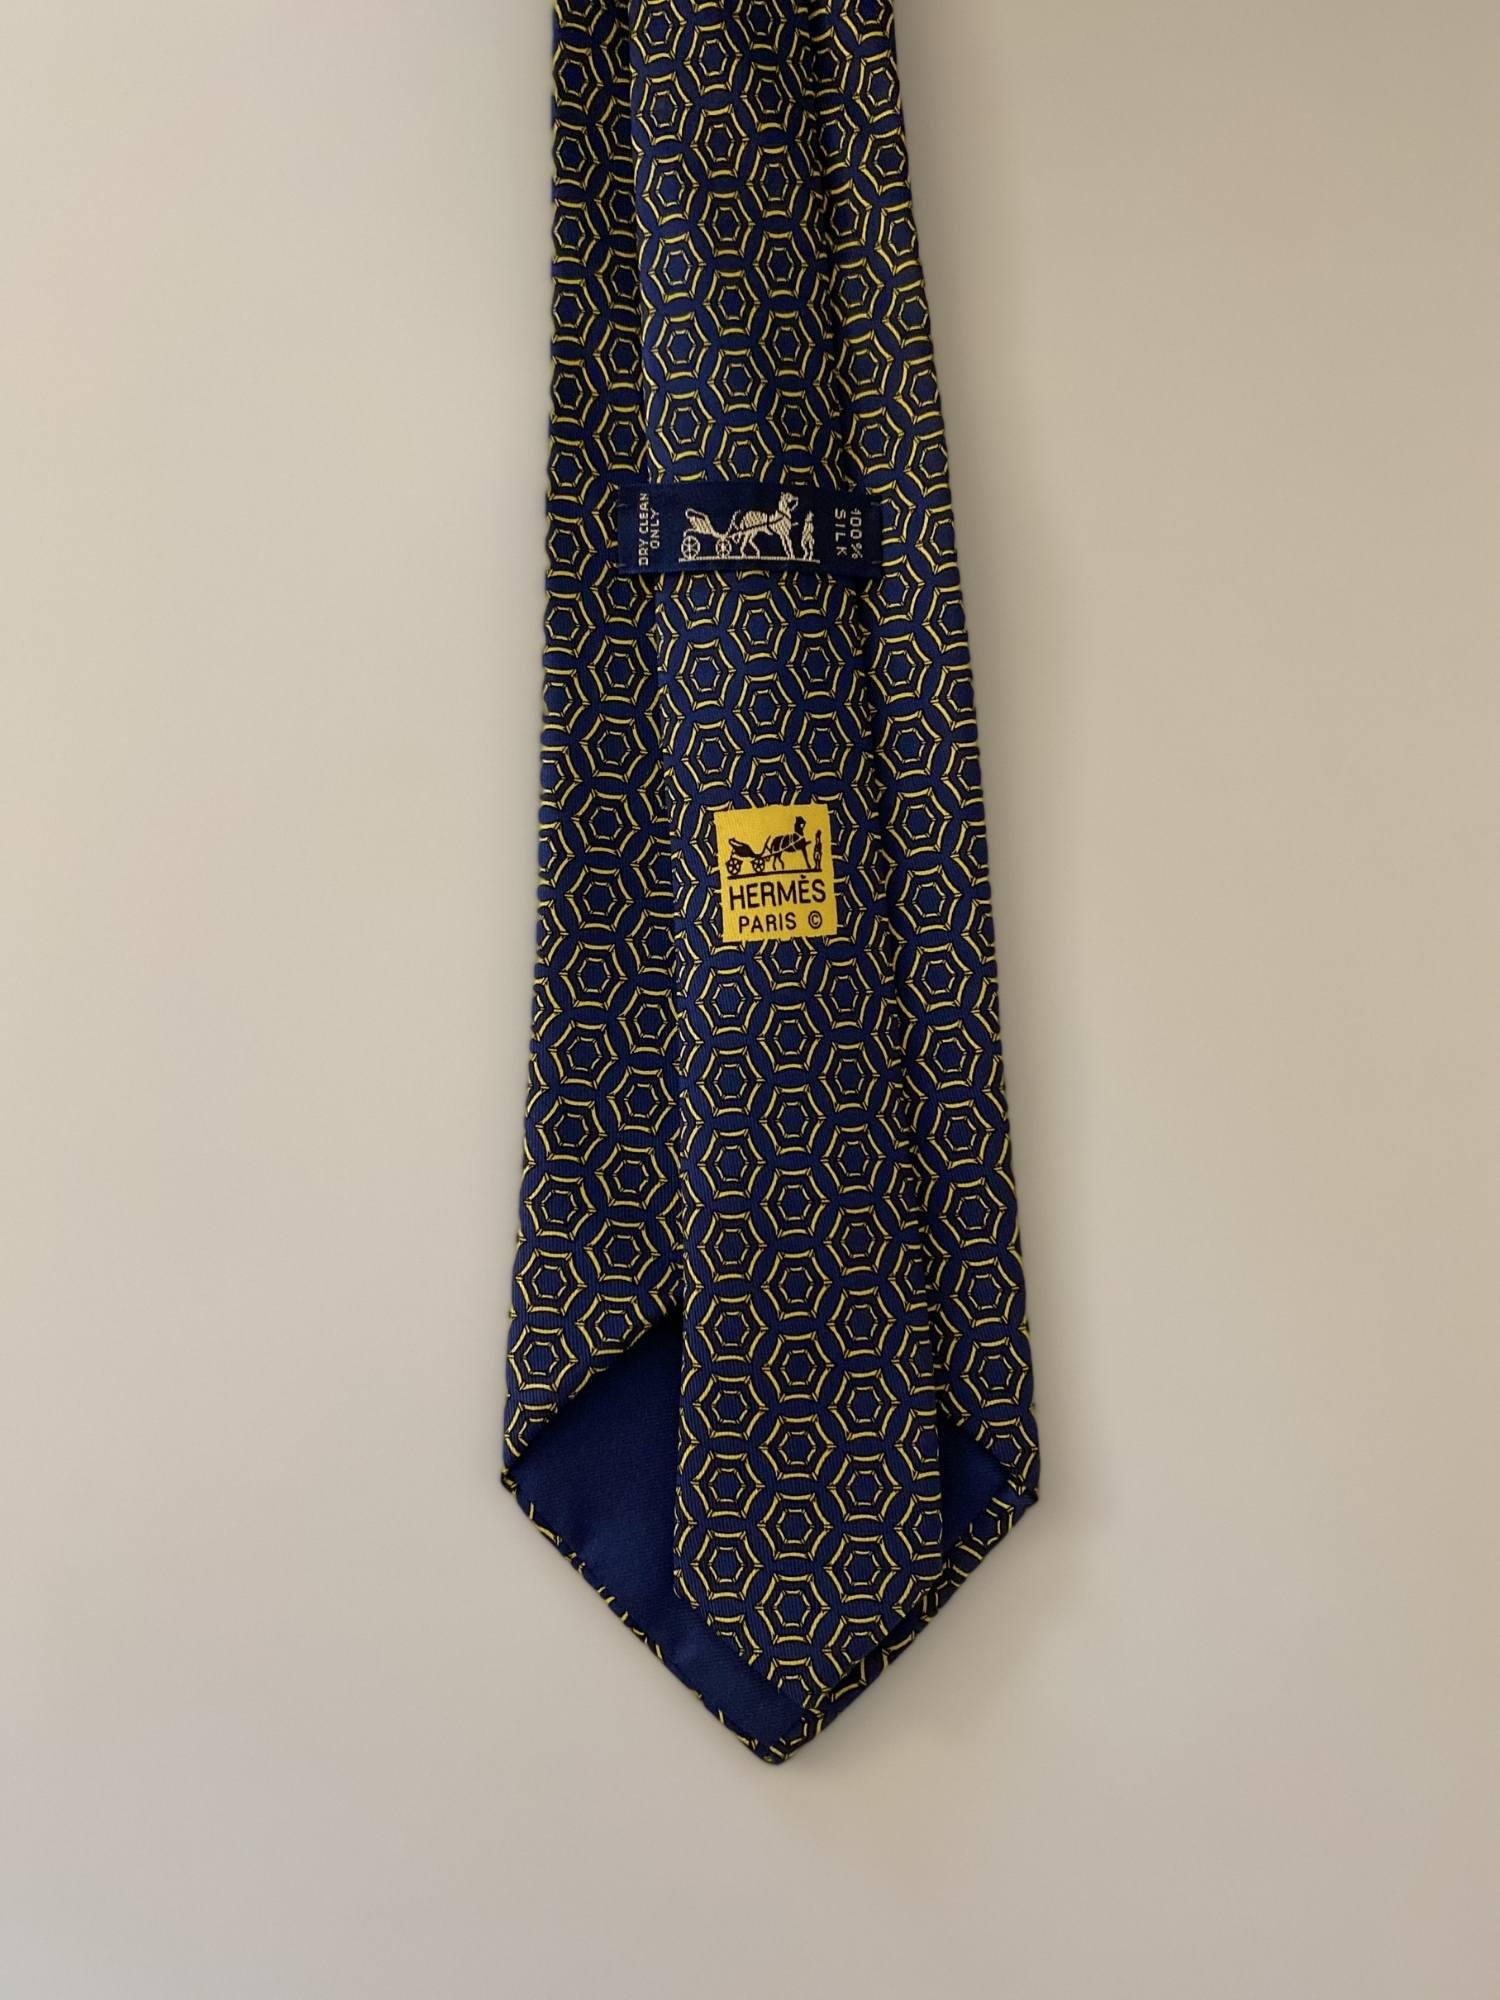 Gravata Hermès Azul Marinho e Amarela